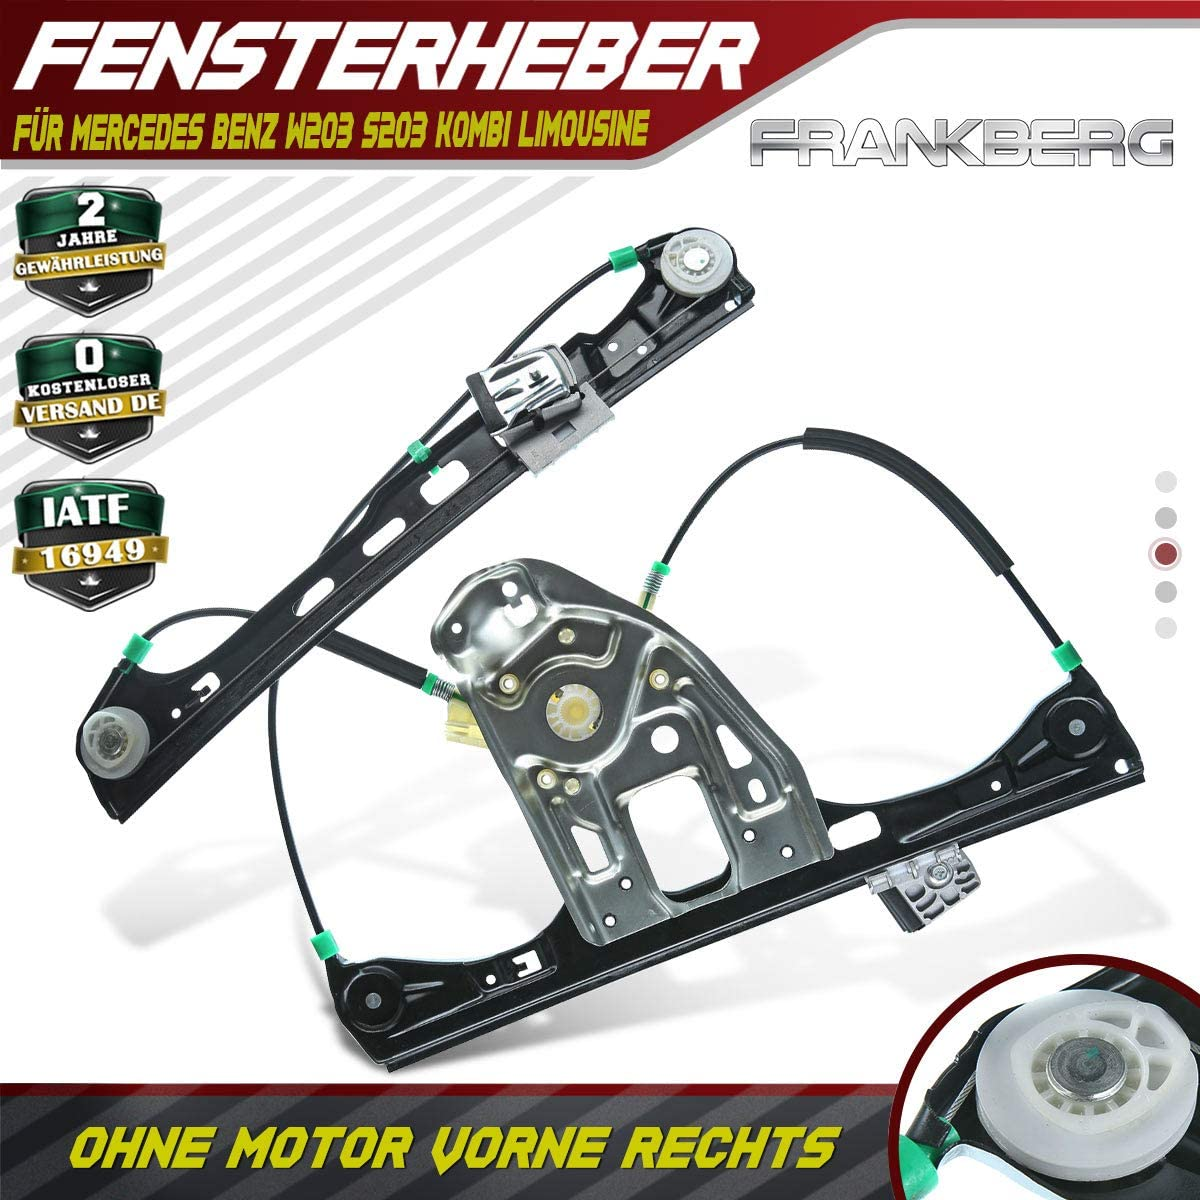 Frankberg Fensterheber elektrisch Mit Motor Vorne Rechts f/ür M-Klasse W163 1998-2005 1637201246